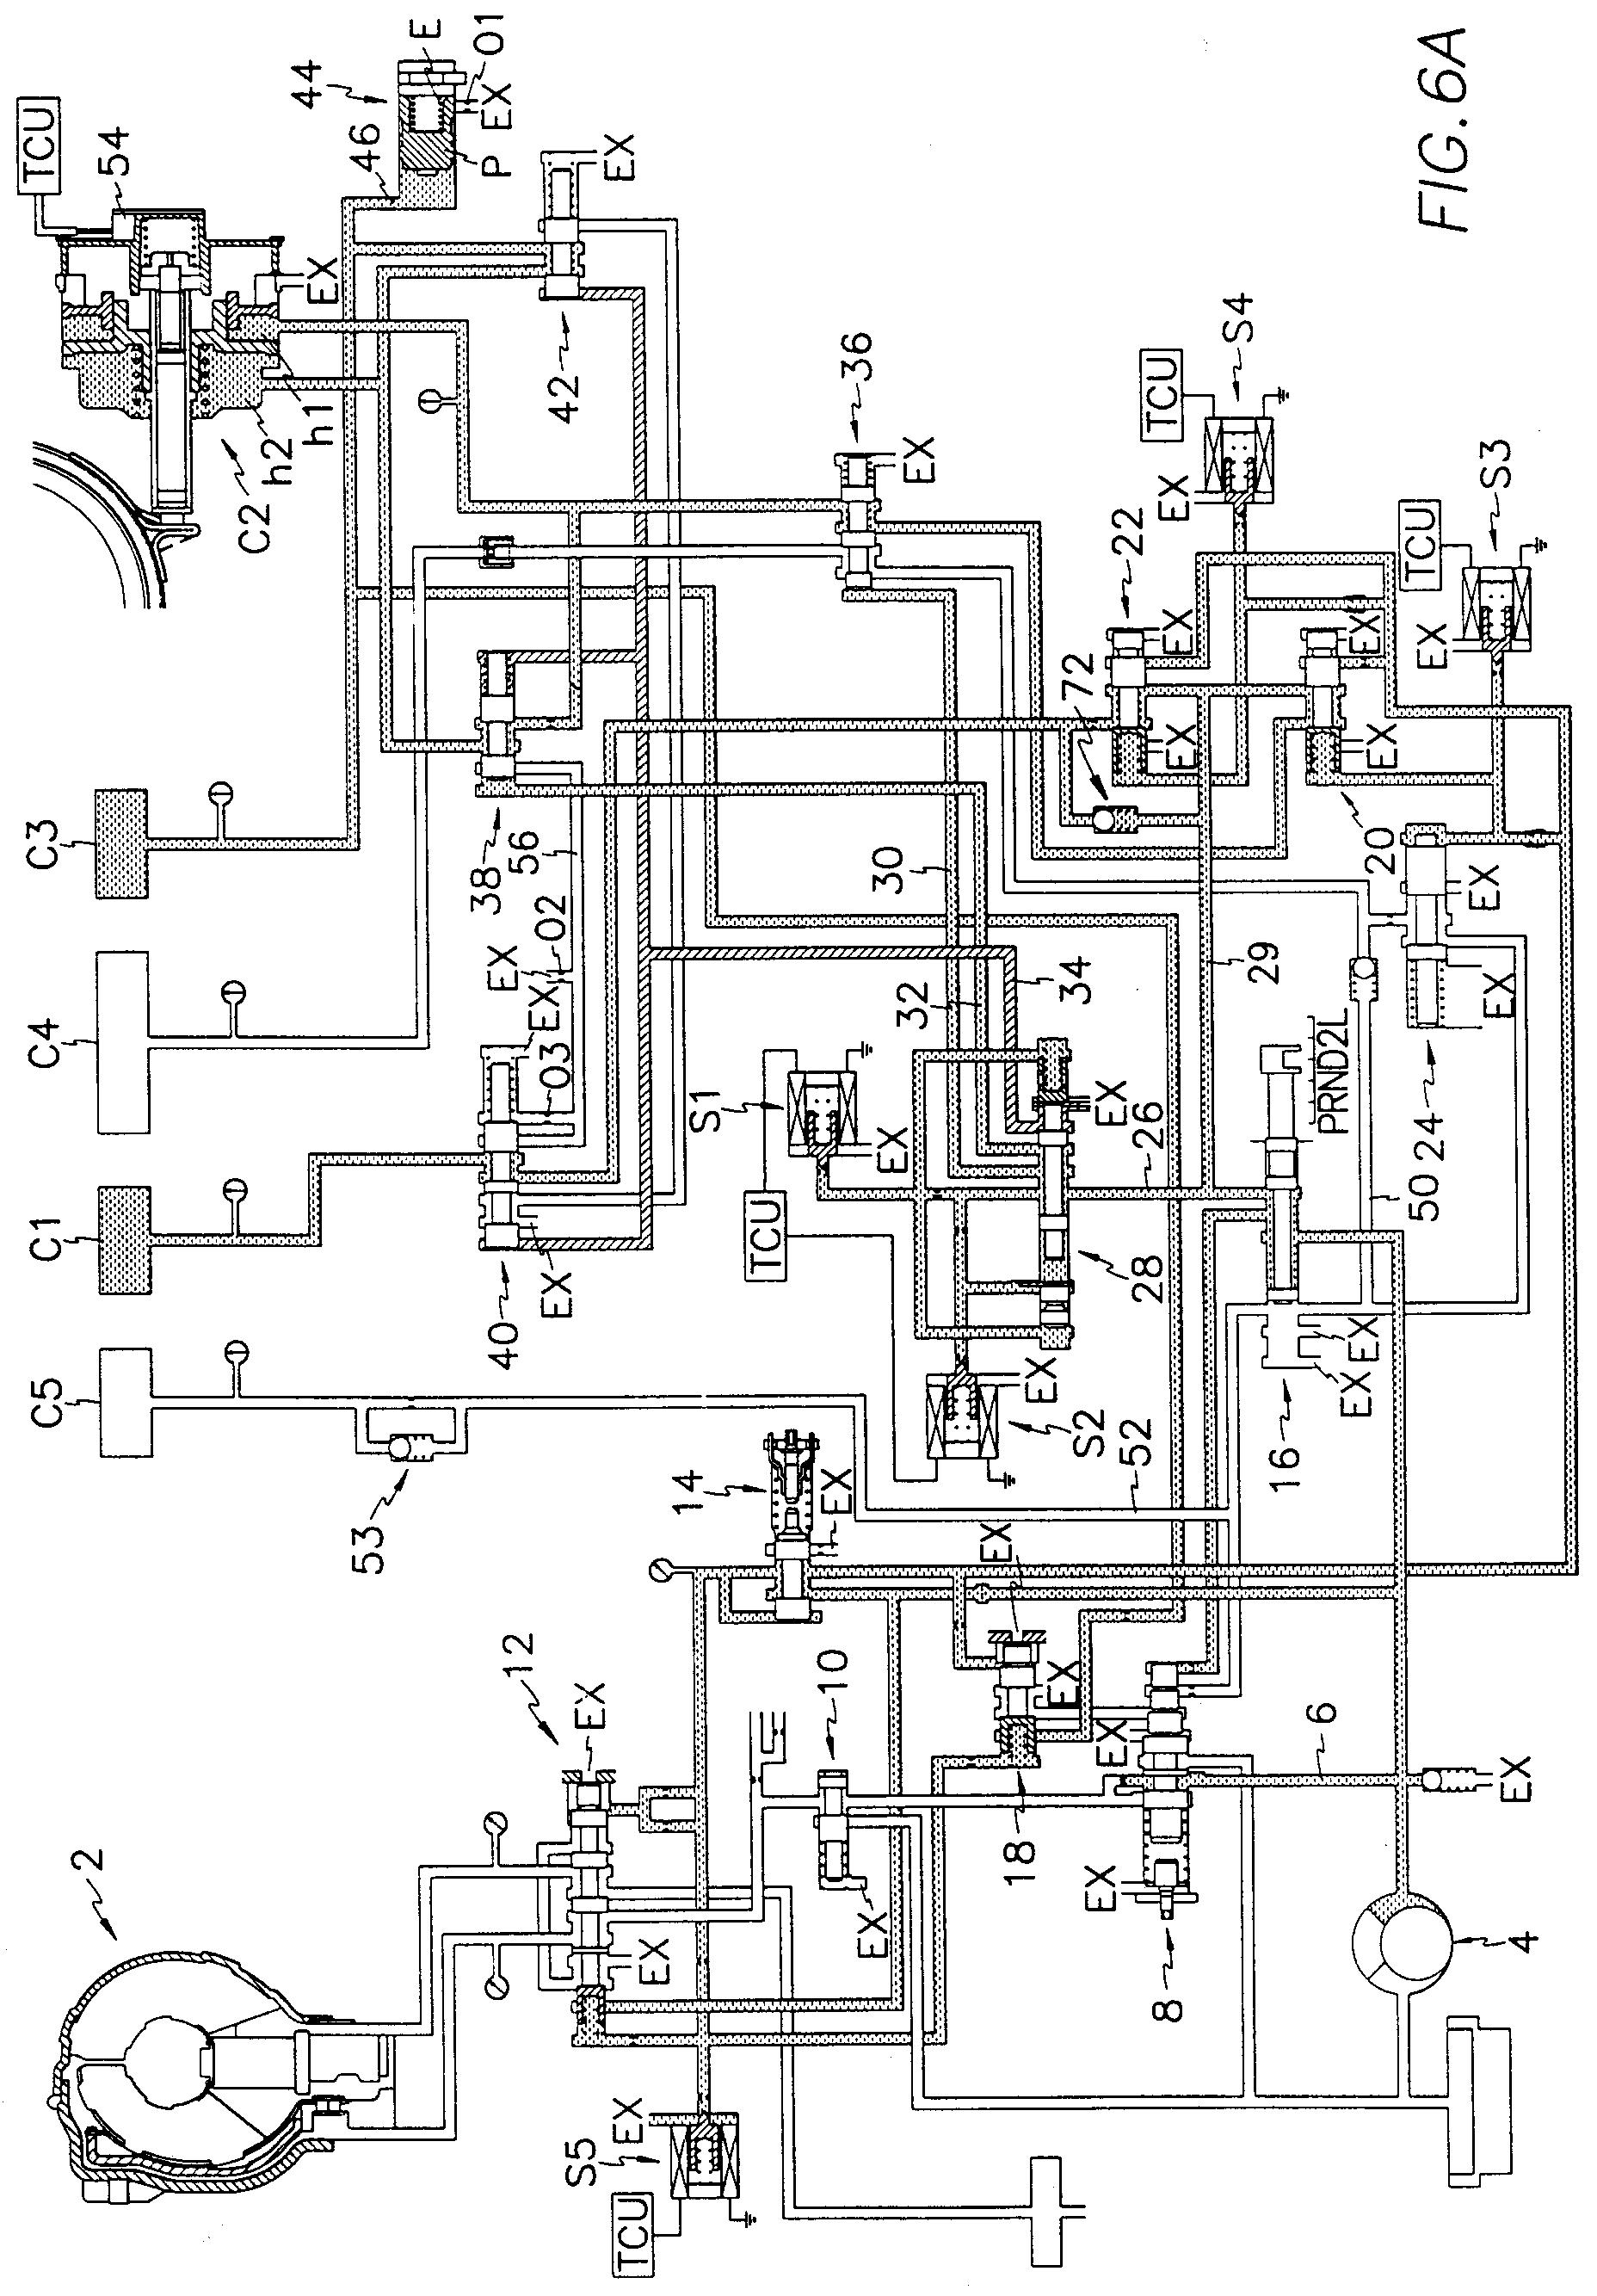 truck wiring diagram 1984 international s2300 schematics wiring rh seniorlivinguniversity co